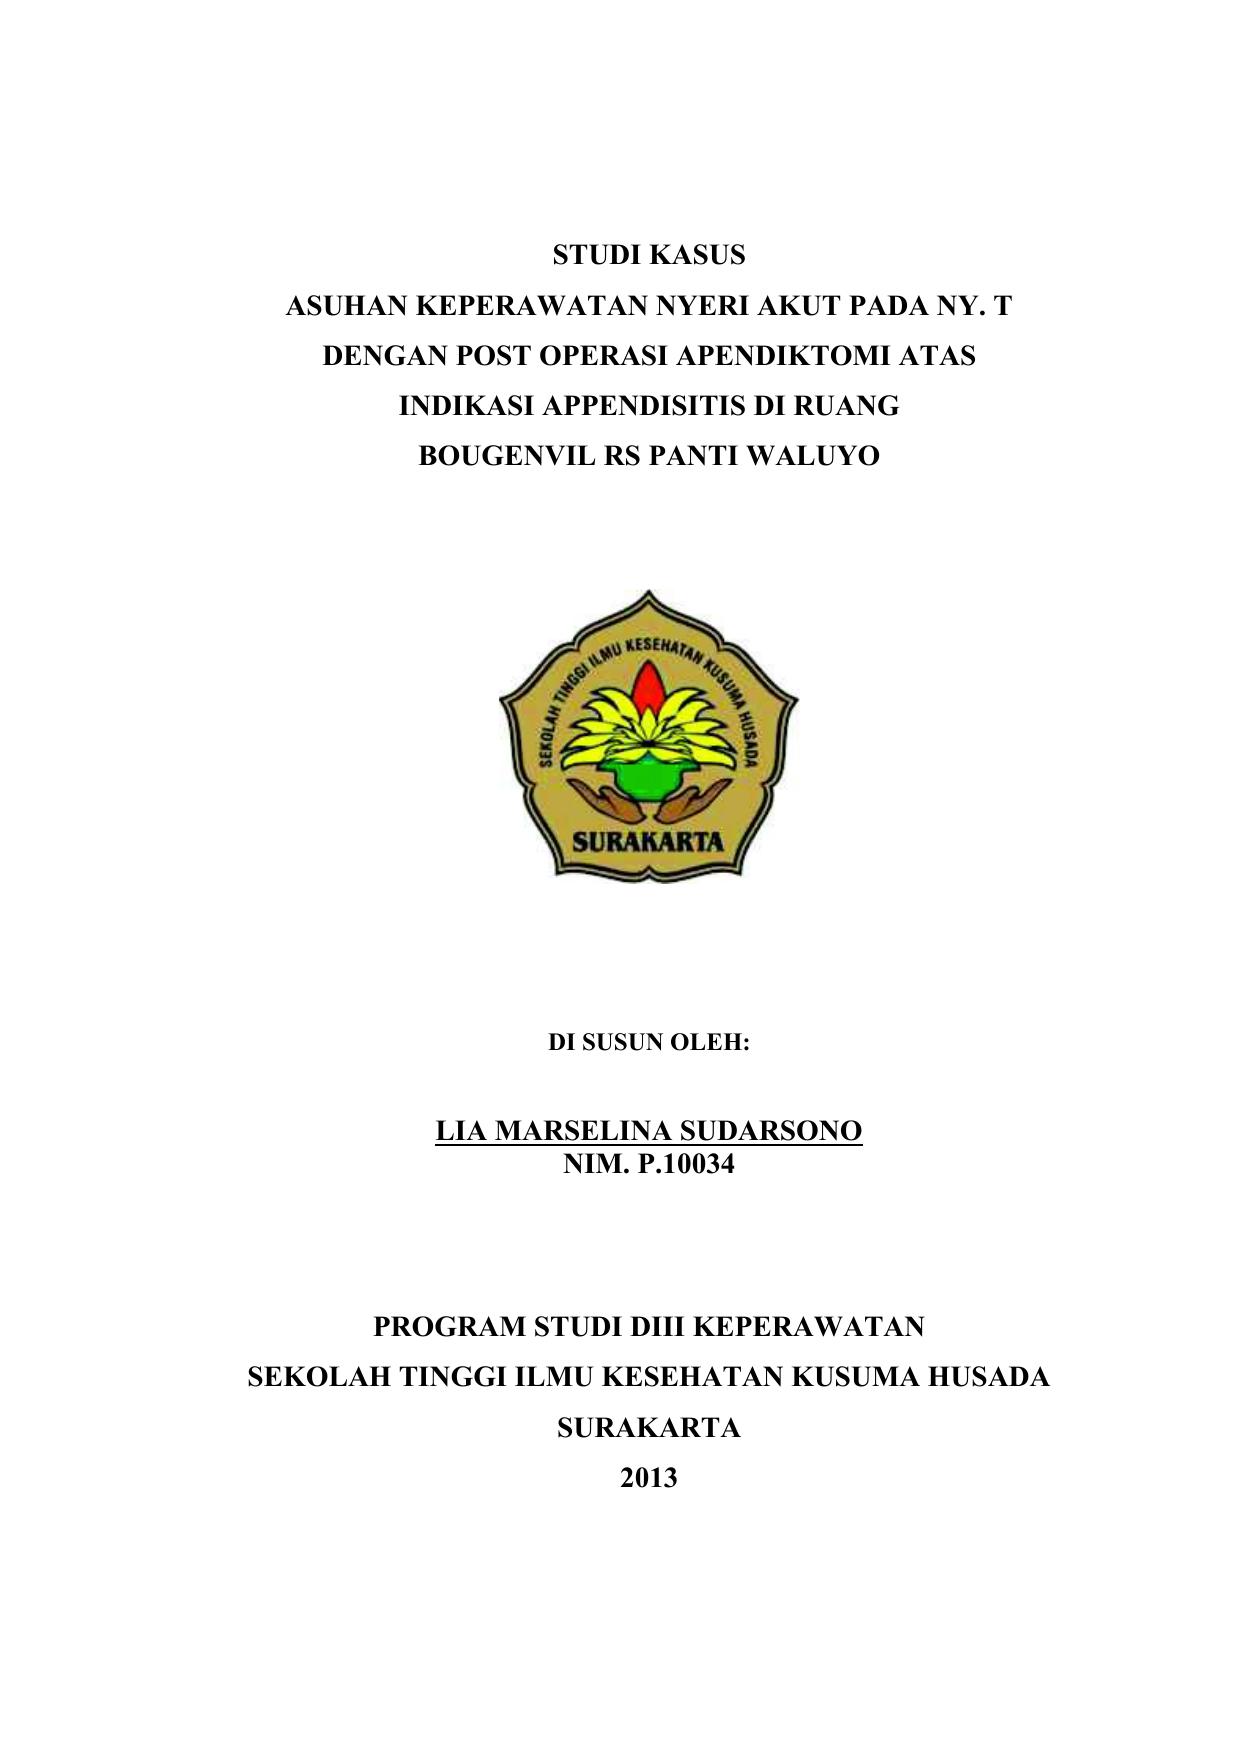 Studi Kasus Asuhan Keperawatan Nyeri Akut Pada Ny T Dengan Post